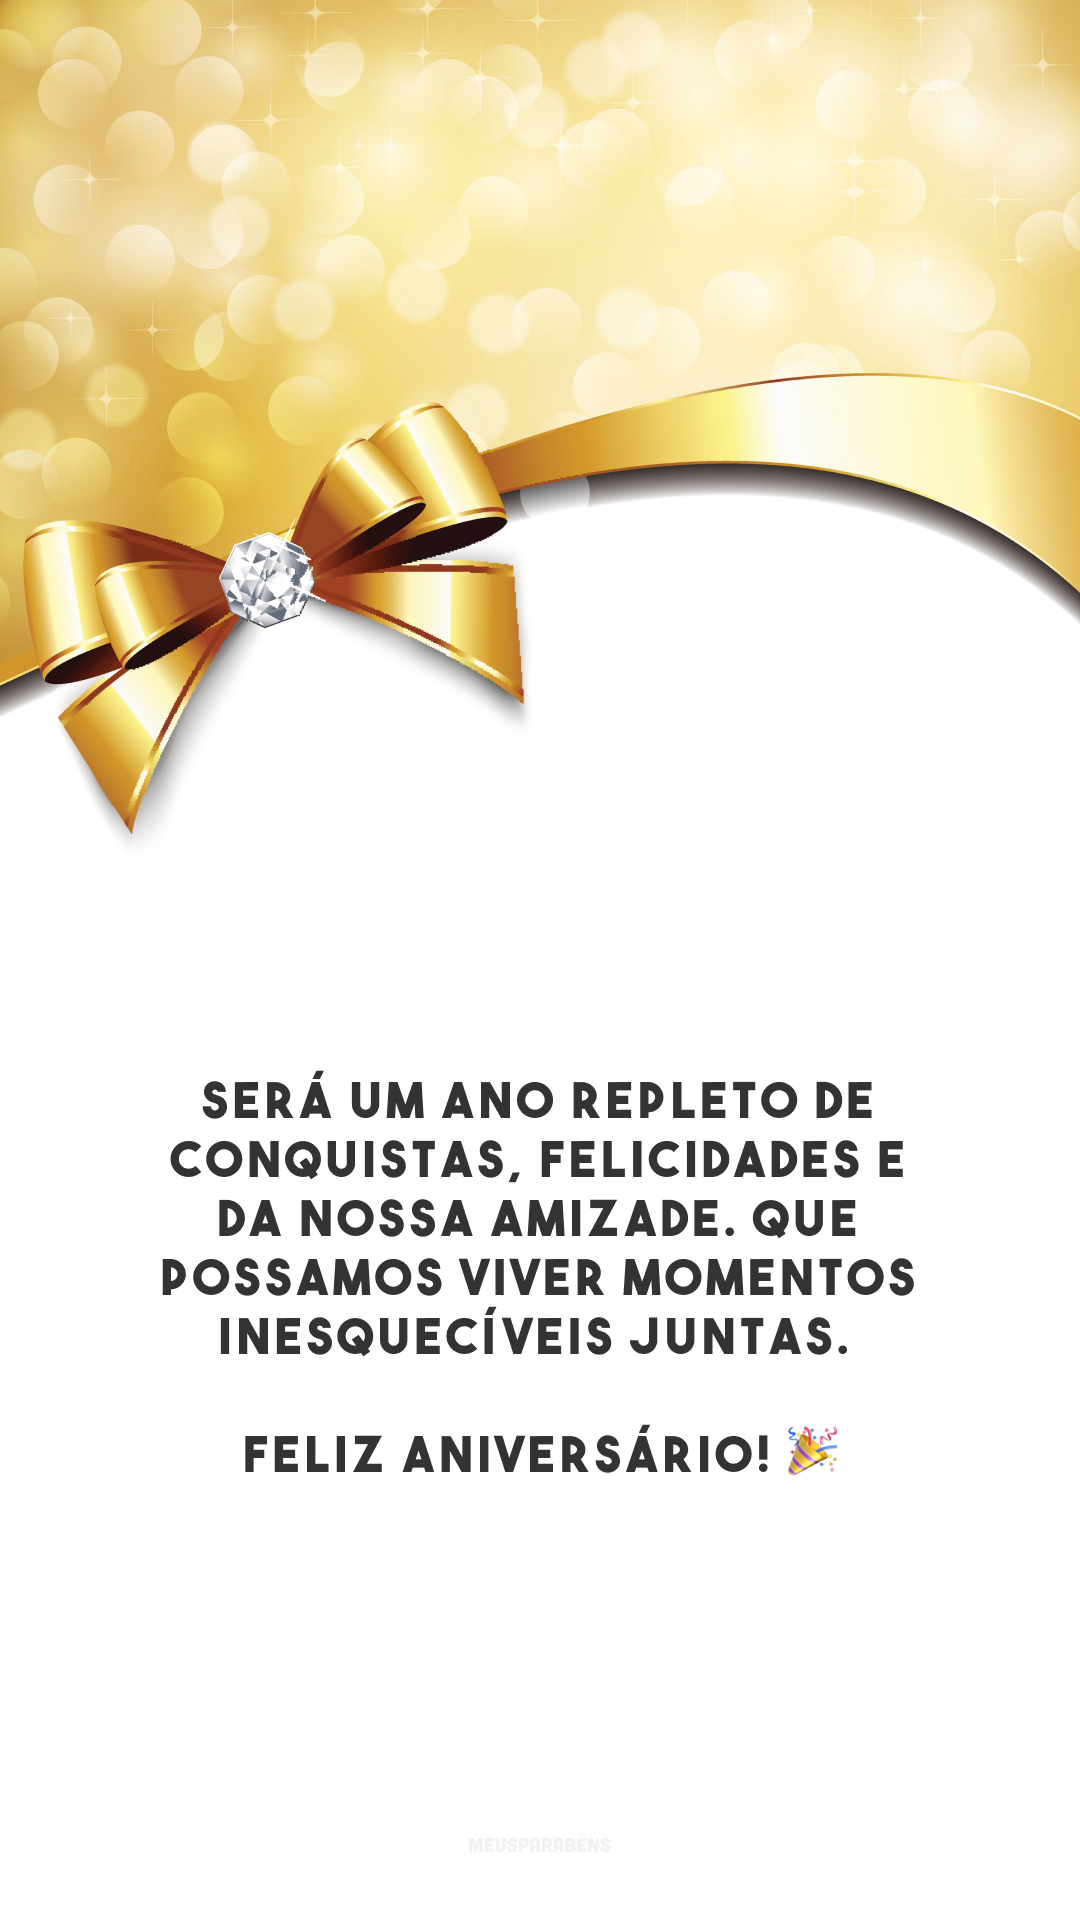 Será um ano repleto de conquistas, felicidades e da nossa amizade. Que possamos viver momentos inesquecíveis juntas. Feliz aniversário! 🎉